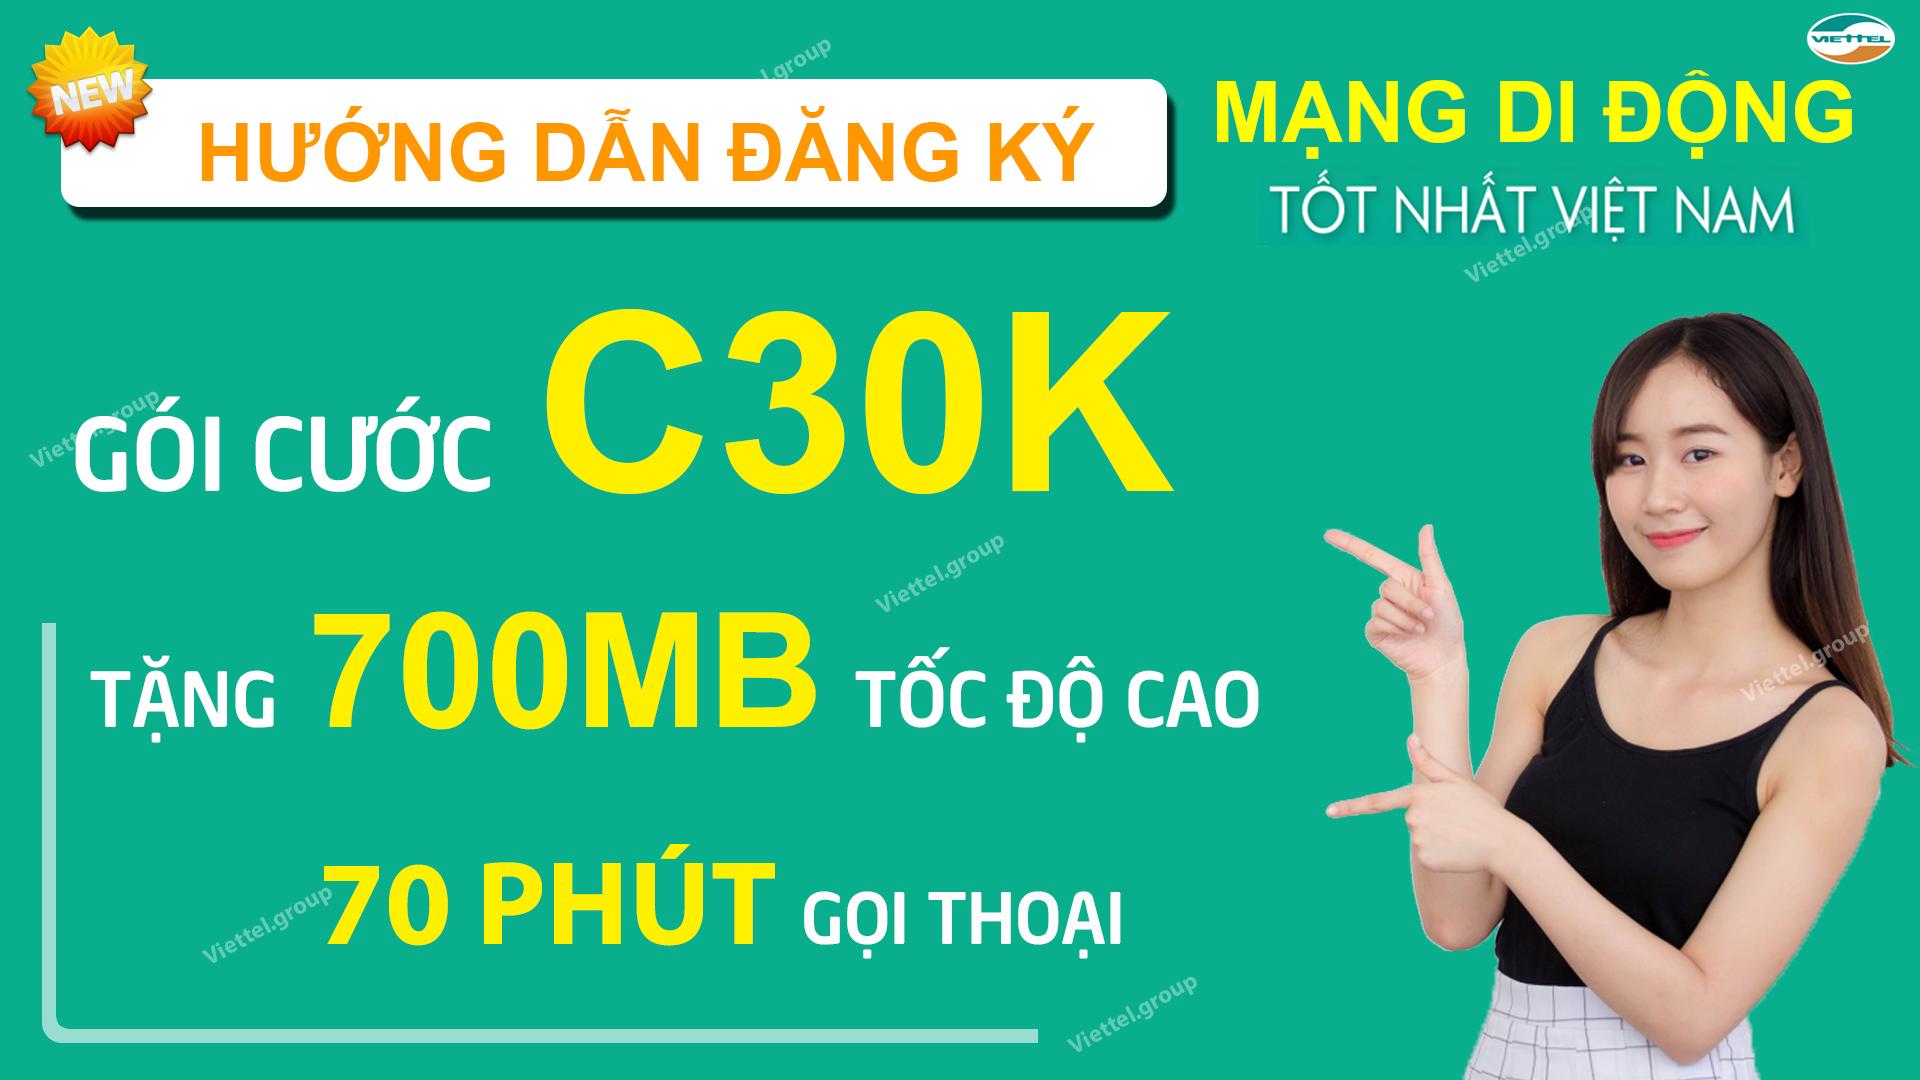 hướng dẫn đăng ký gói C30K Viettel